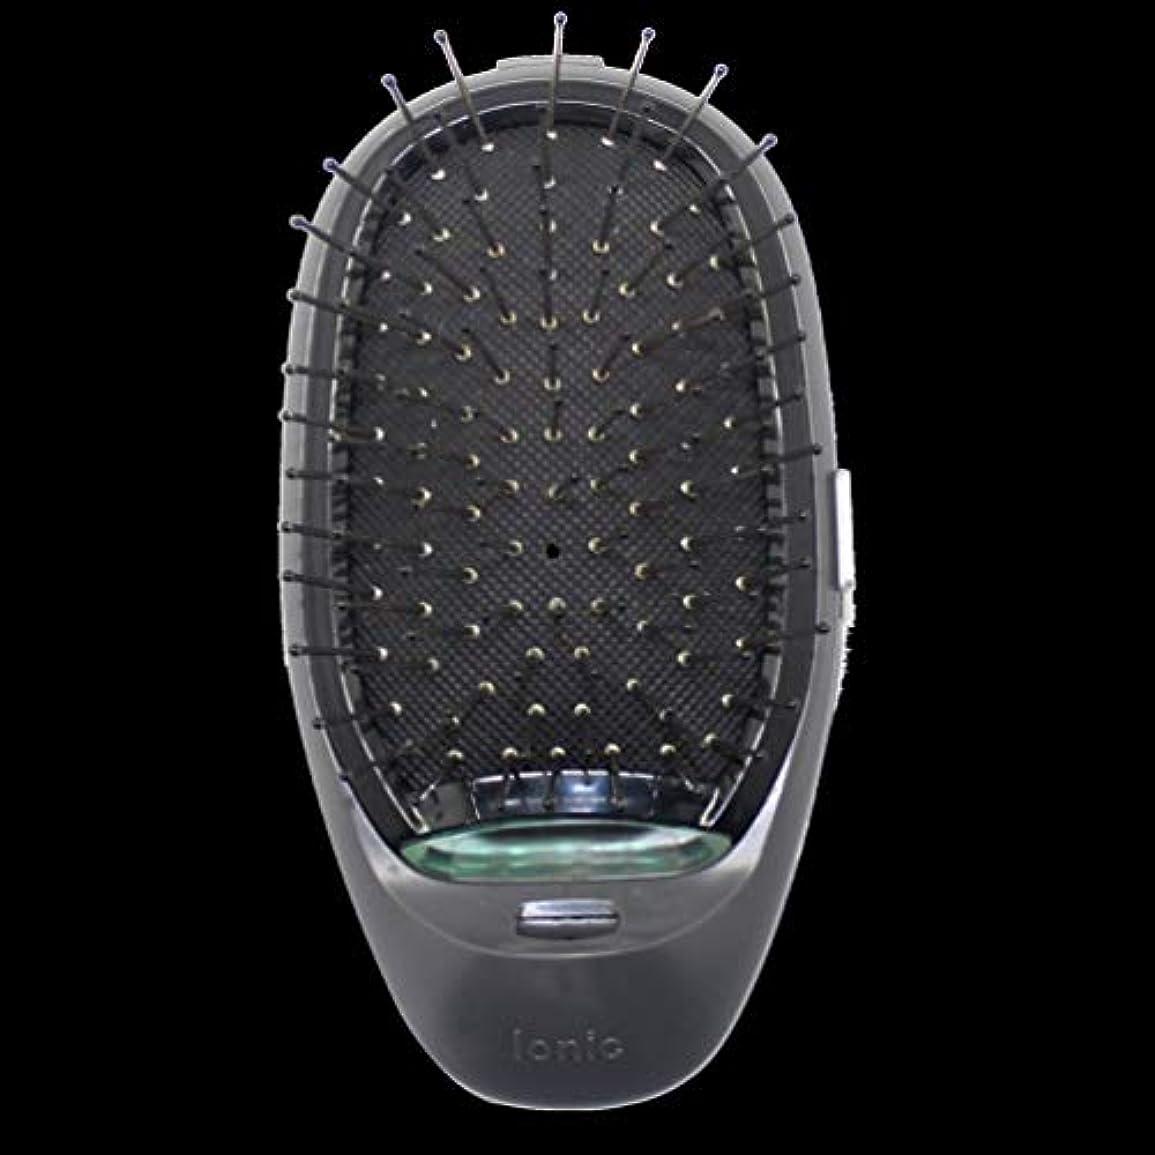 熟読する全く暗くする電動マッサージヘアブラシミニマイナスイオンヘアコム3Dインフレータブルコーム帯電防止ガールズヘアブラシ電池式 - ブラック